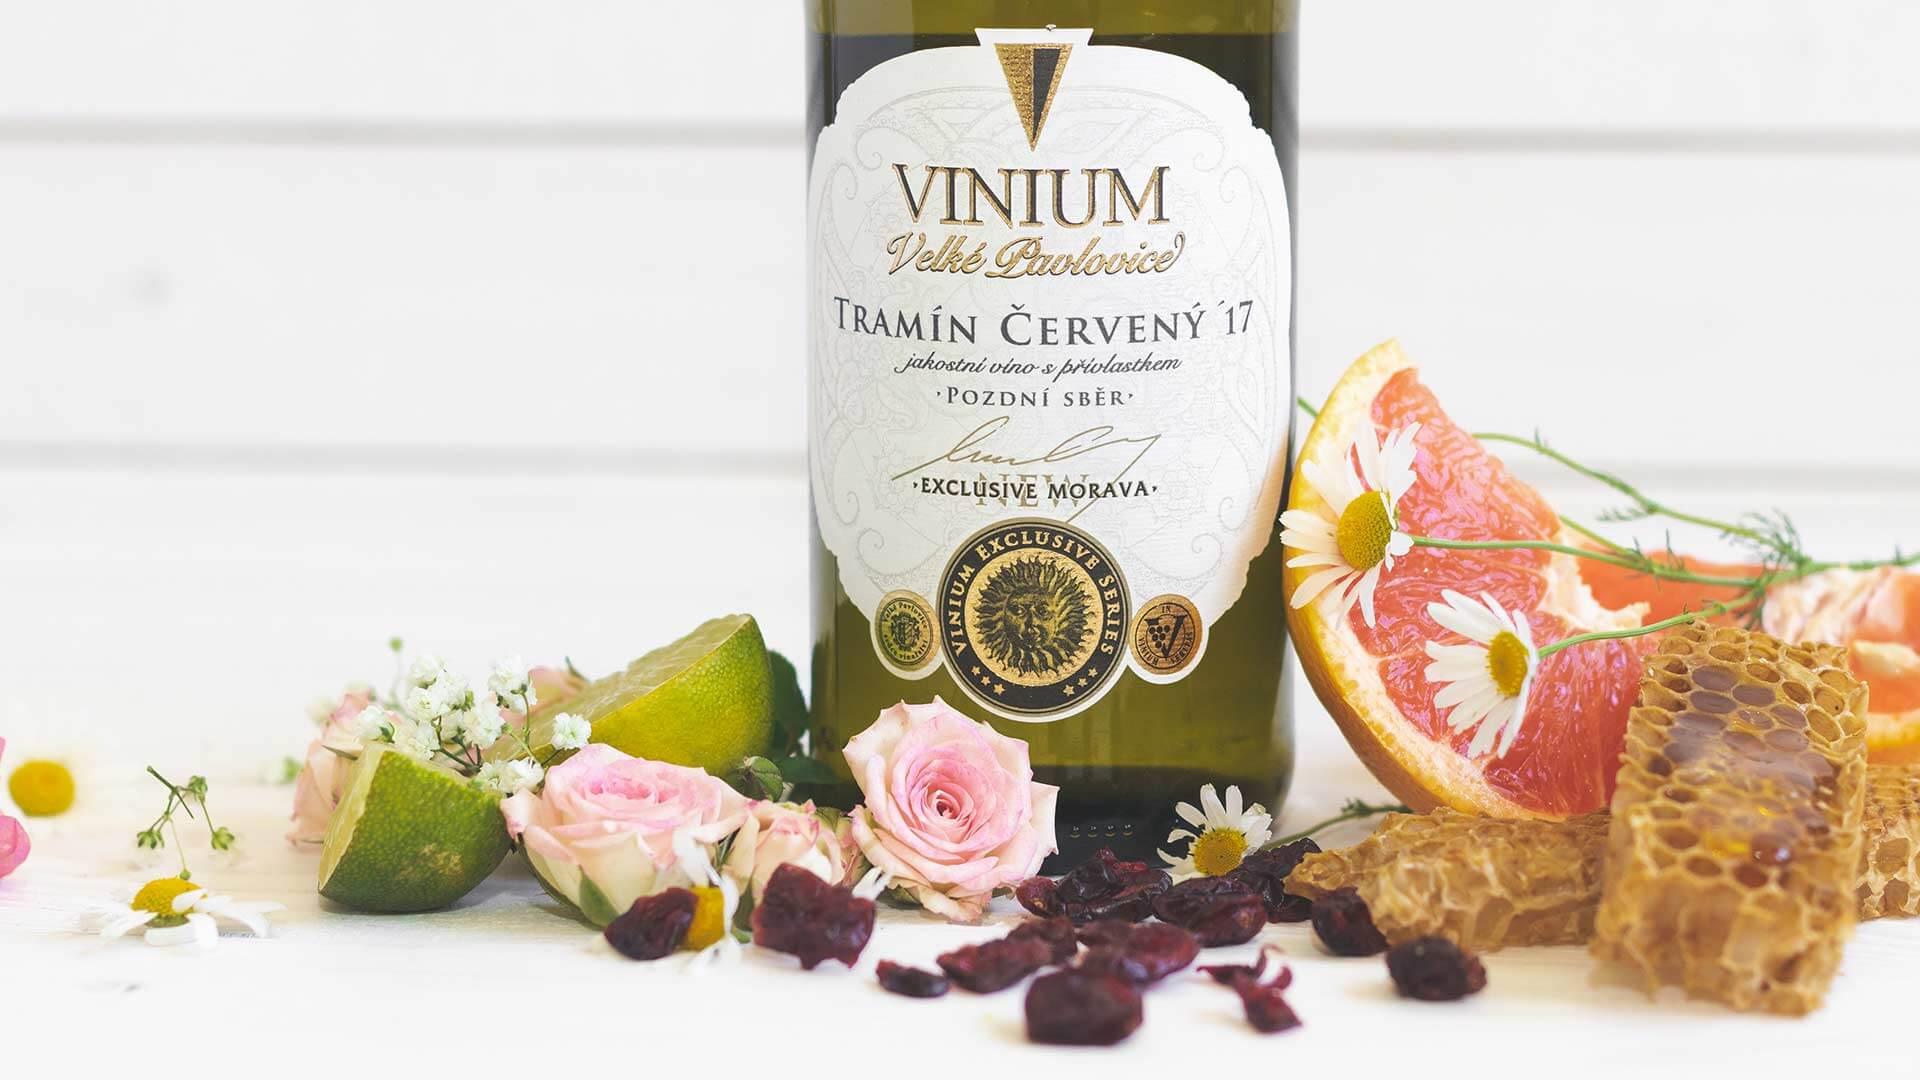 Tramín červený 2017, pozdní sběr, VINIUM Exclusive